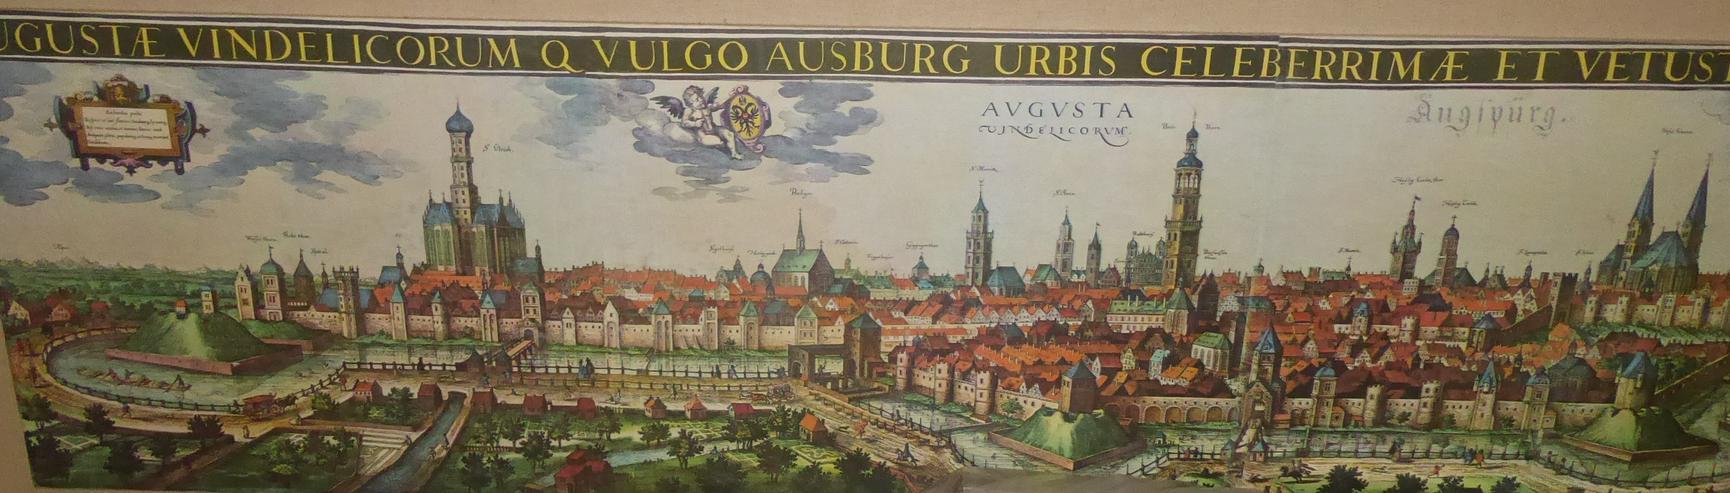 Große Stadtansicht von Augsburg im Mittelalter 2,05 m x 0,54 m original aus den 60-er Jahren